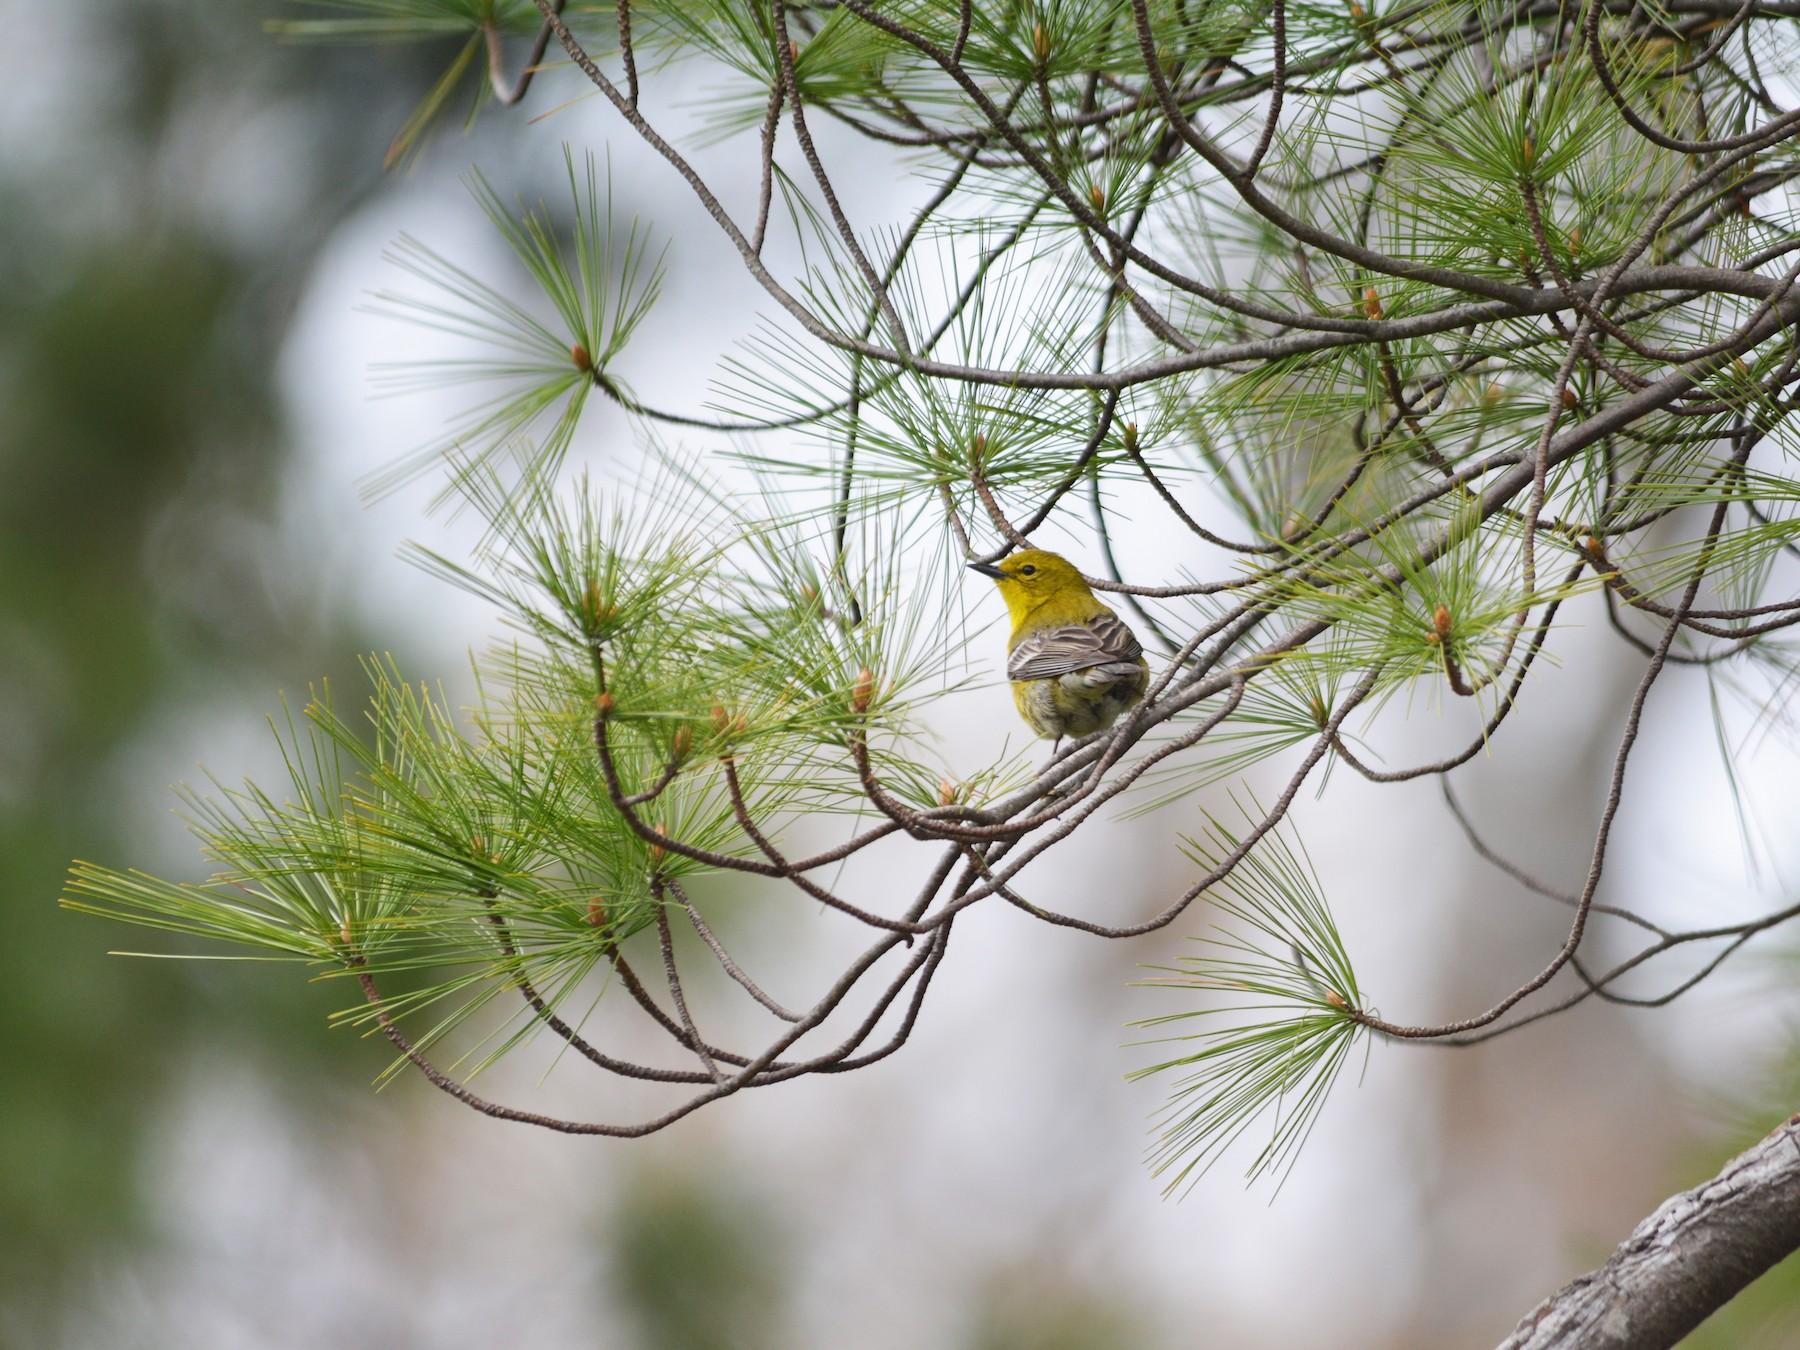 Pine Warbler - Alissa Milillo